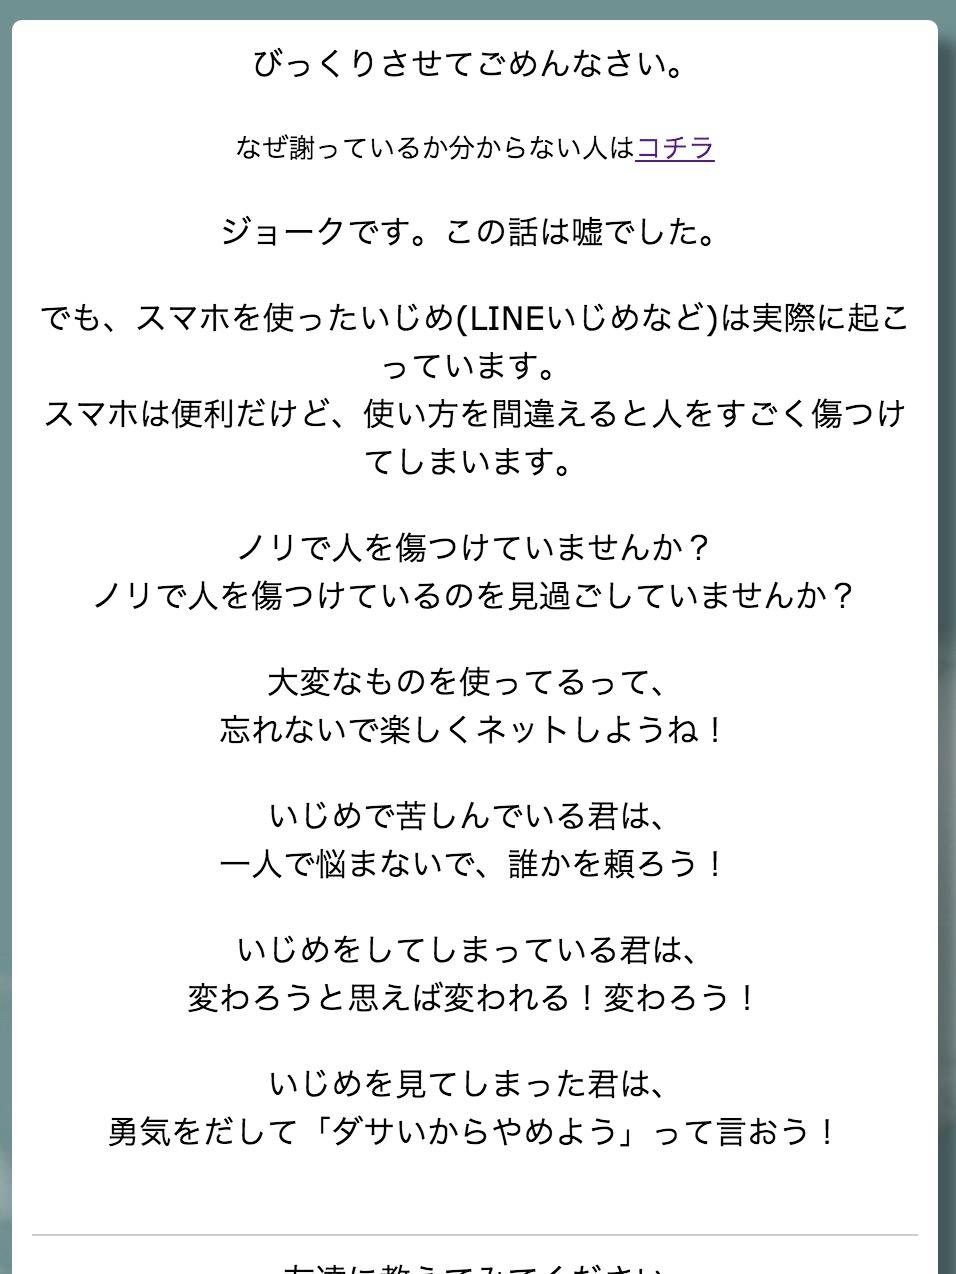 スクリーンショット 2016-01-13 22.39.01